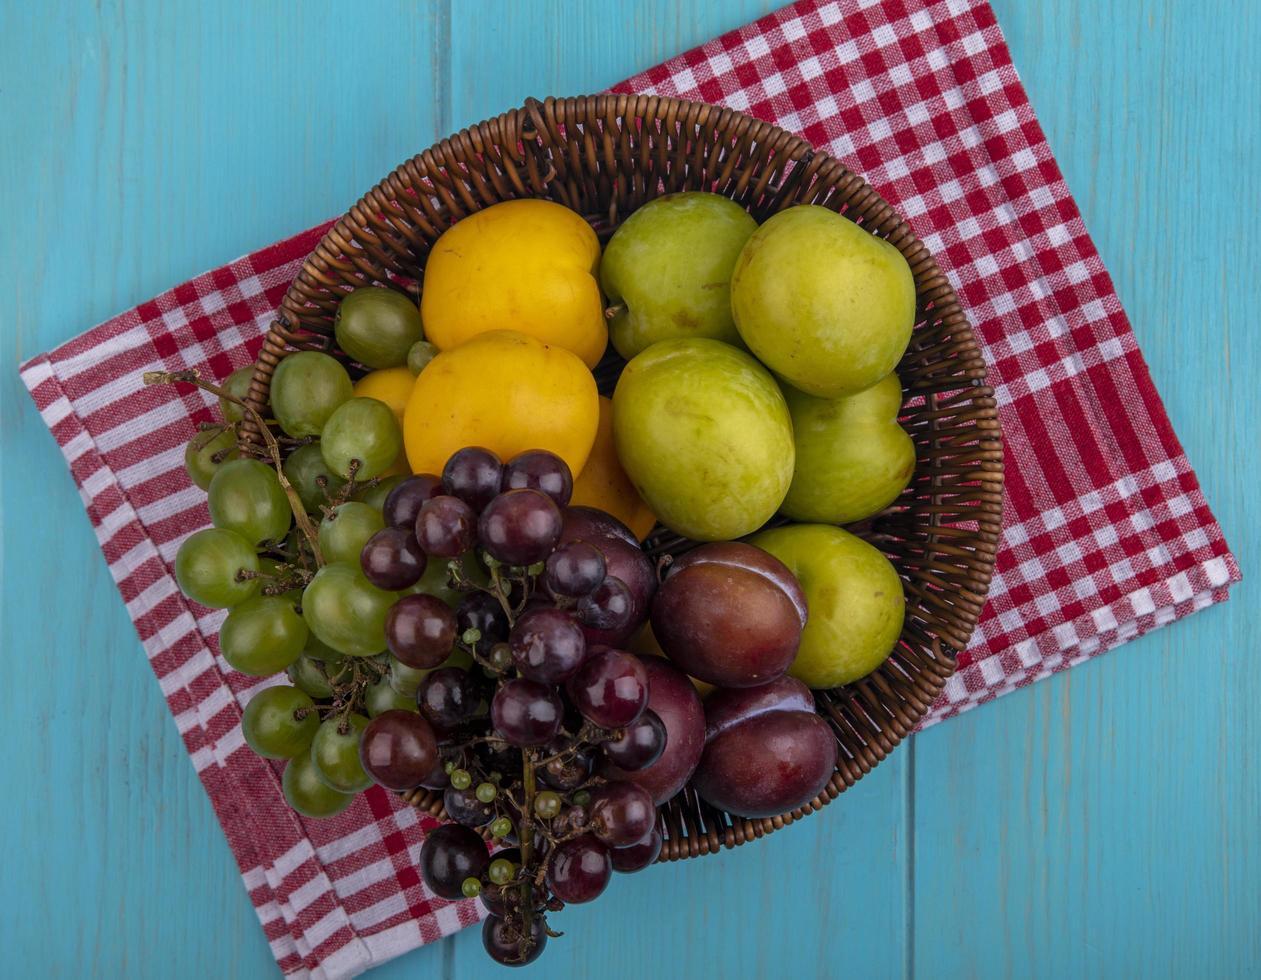 Fruits assortis sur tissu à carreaux et fond bleu photo